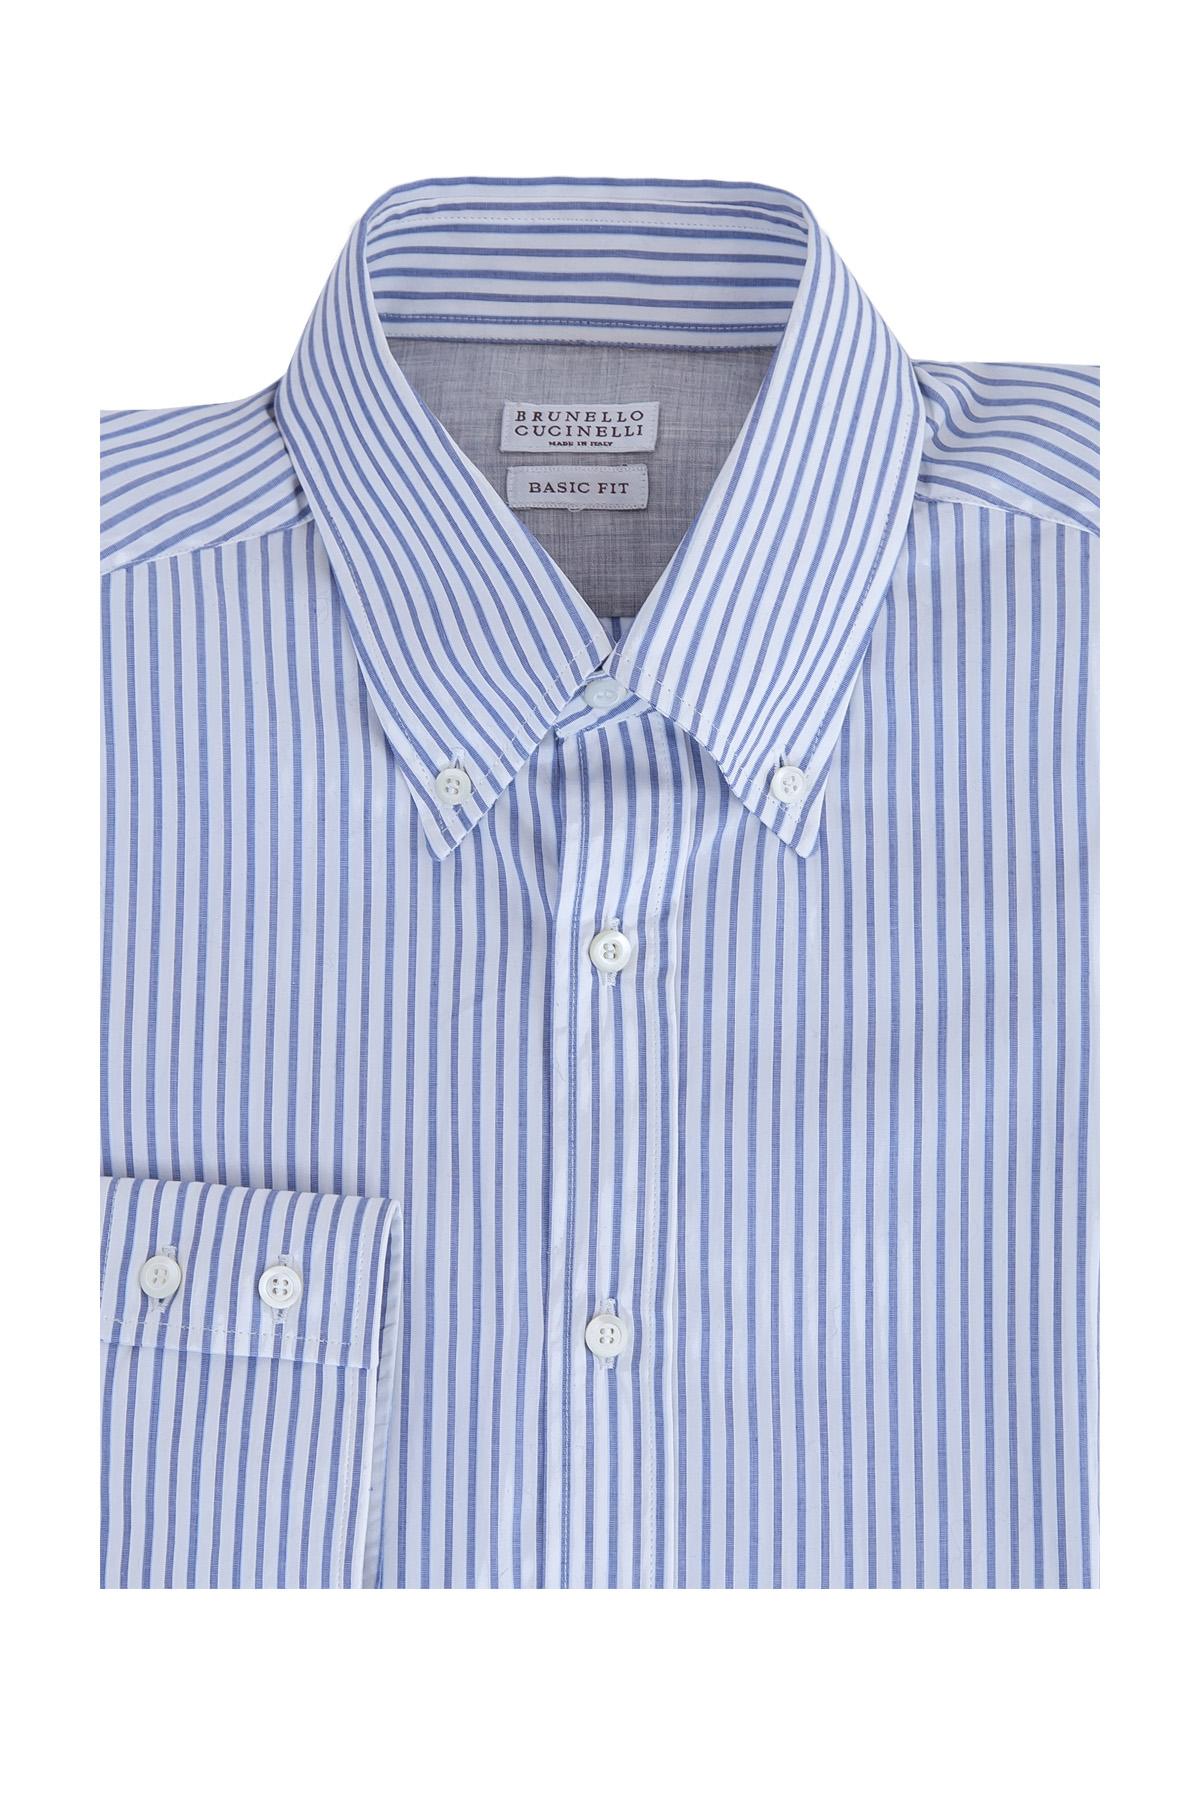 Рубашка, BRUNELLO CUCINELLI, Италия, хлопок 100%  - купить со скидкой